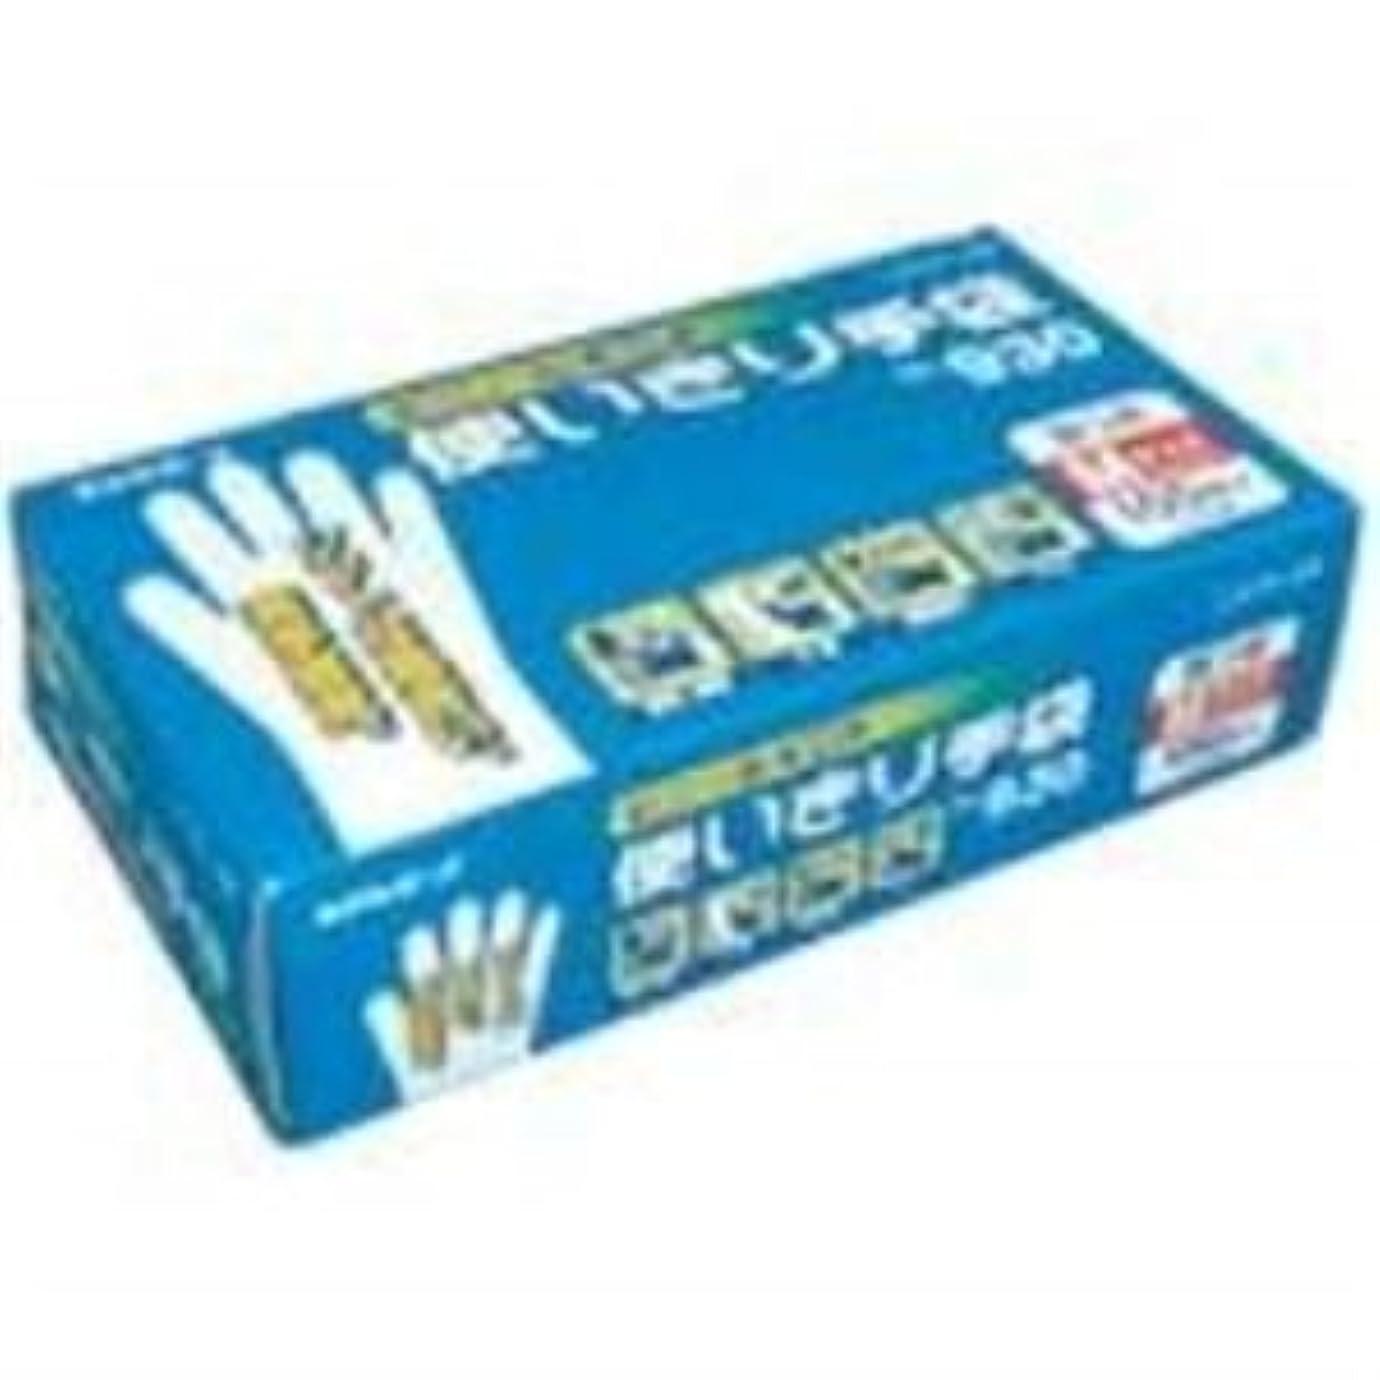 割り込み買い手小麦(業務用3セット)エステー ビニール使い捨て手袋/作業用手袋 【No.930/M 1箱】 ds-1460151